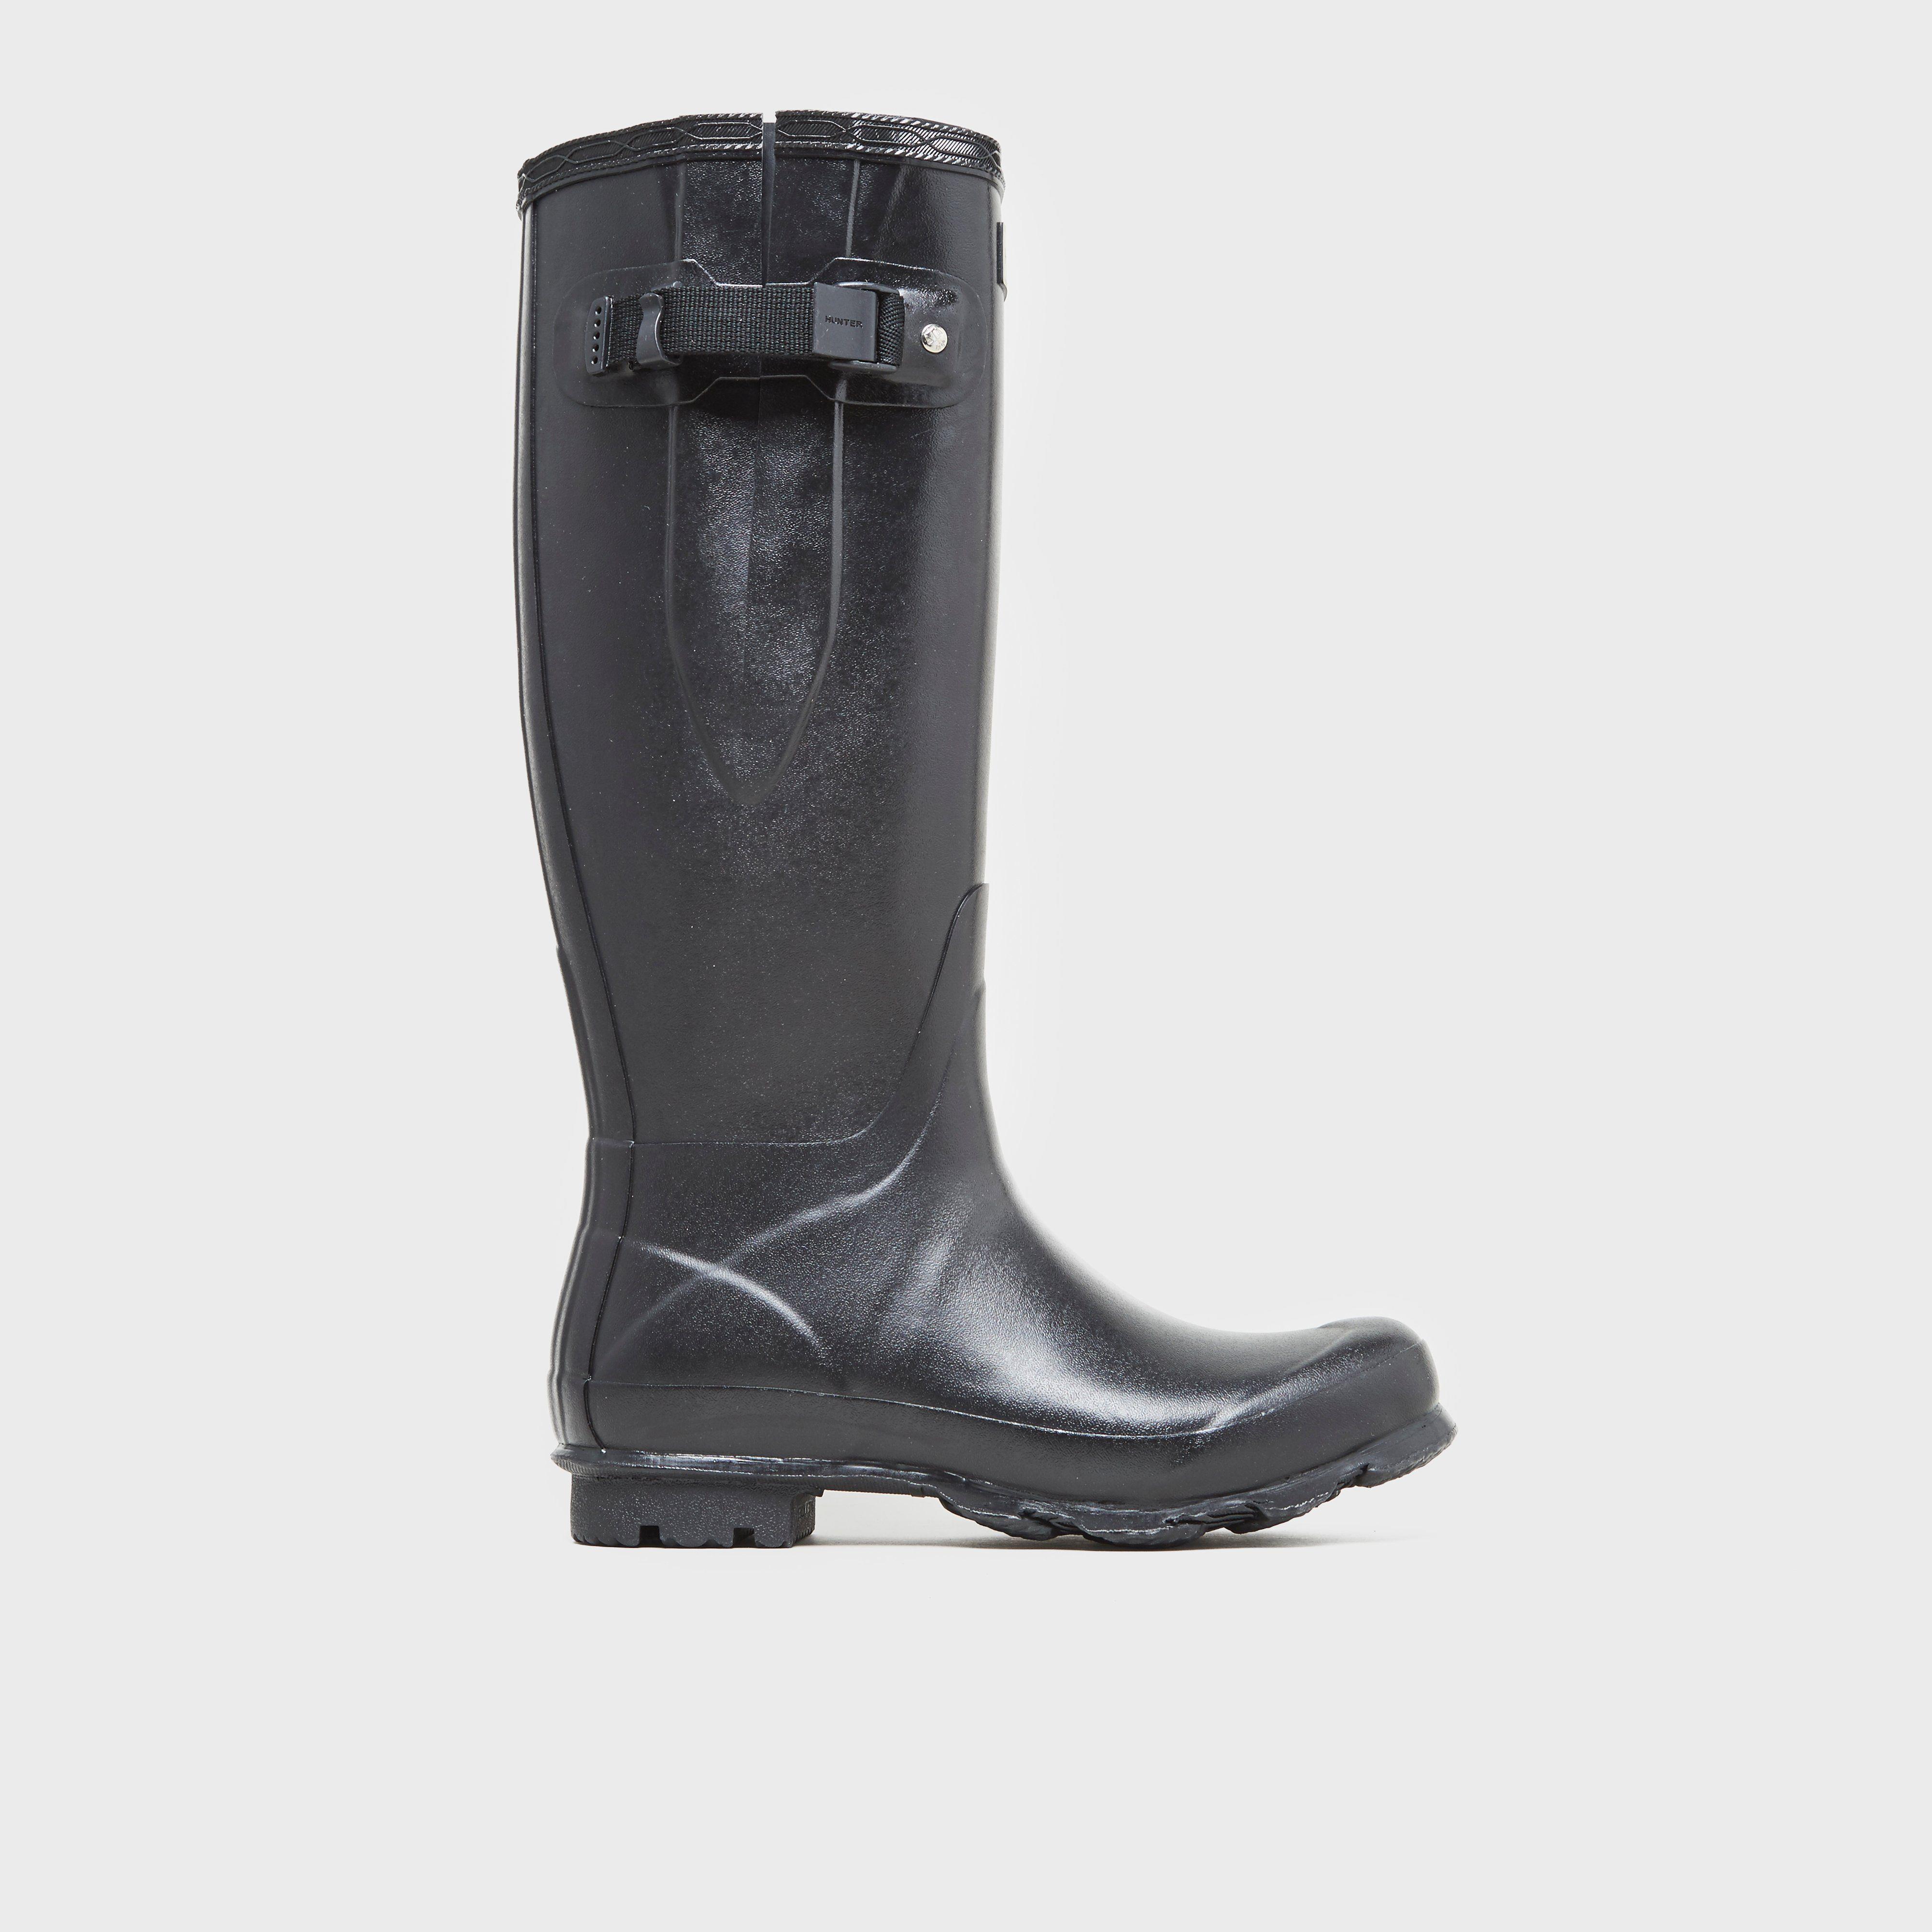 HUNTER Women's Norris Field Adjustable Wellington Boots